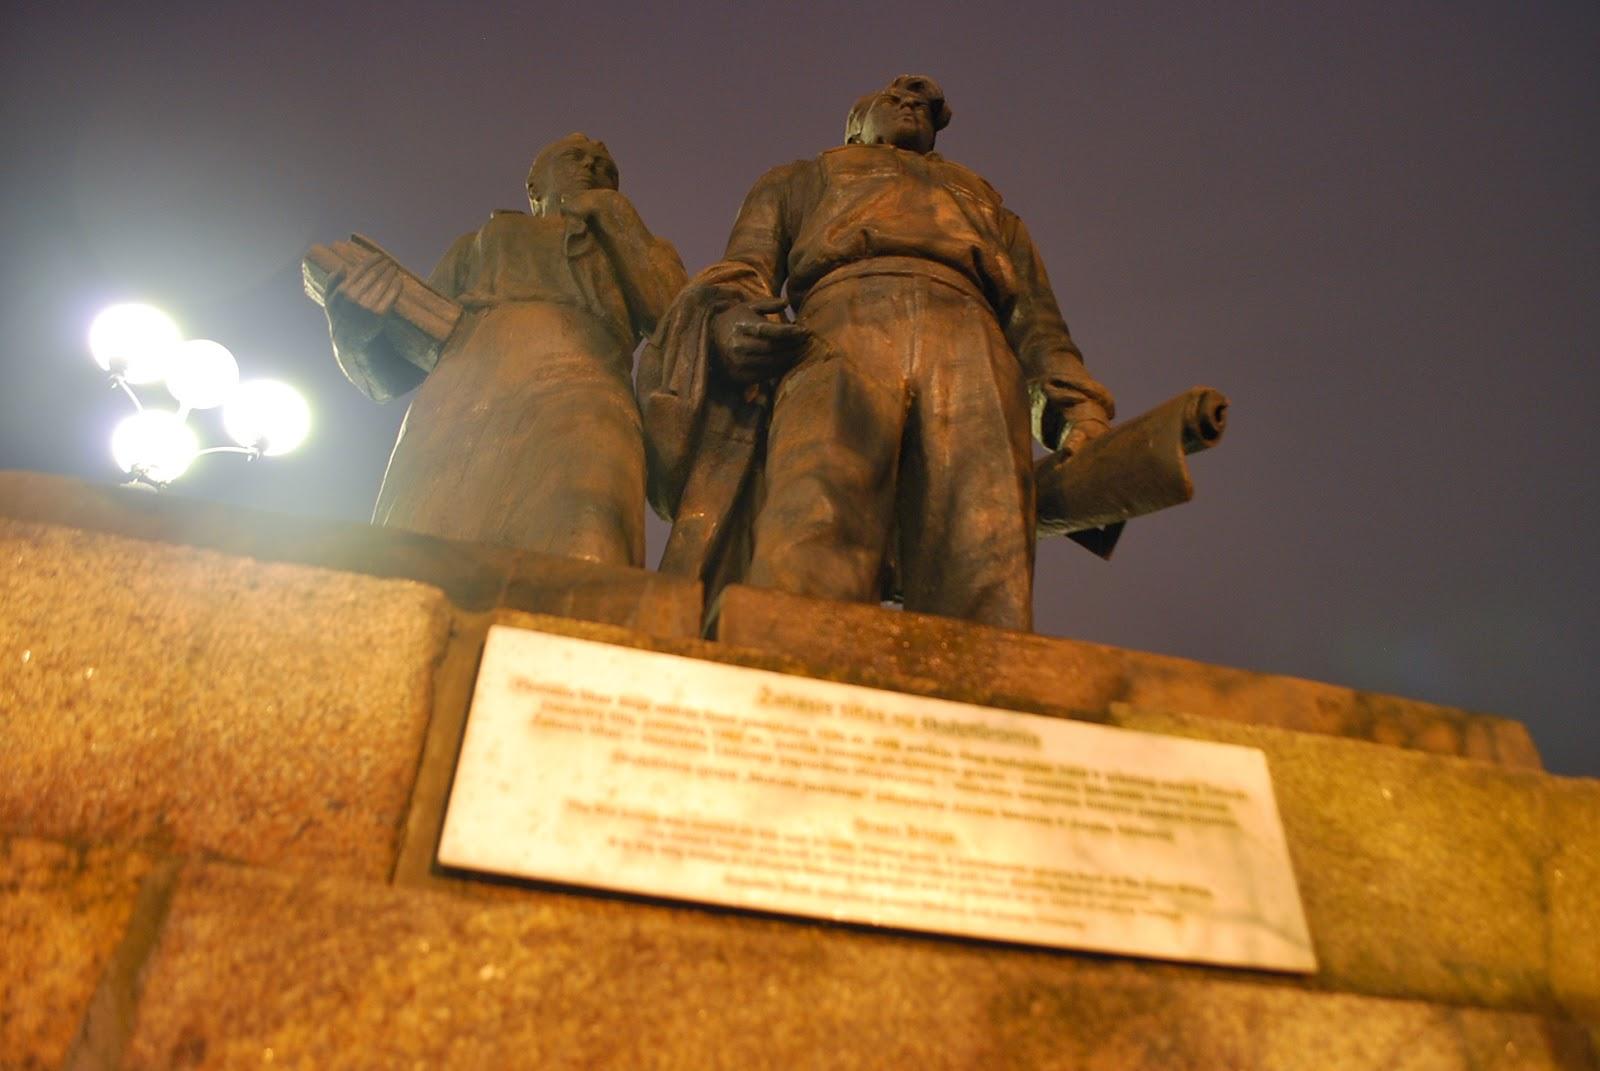 Единственное место, где остались стоять советские статуи. Всего 4 постамента, по два с каждой стороны моста. Вильнюс, Литва.